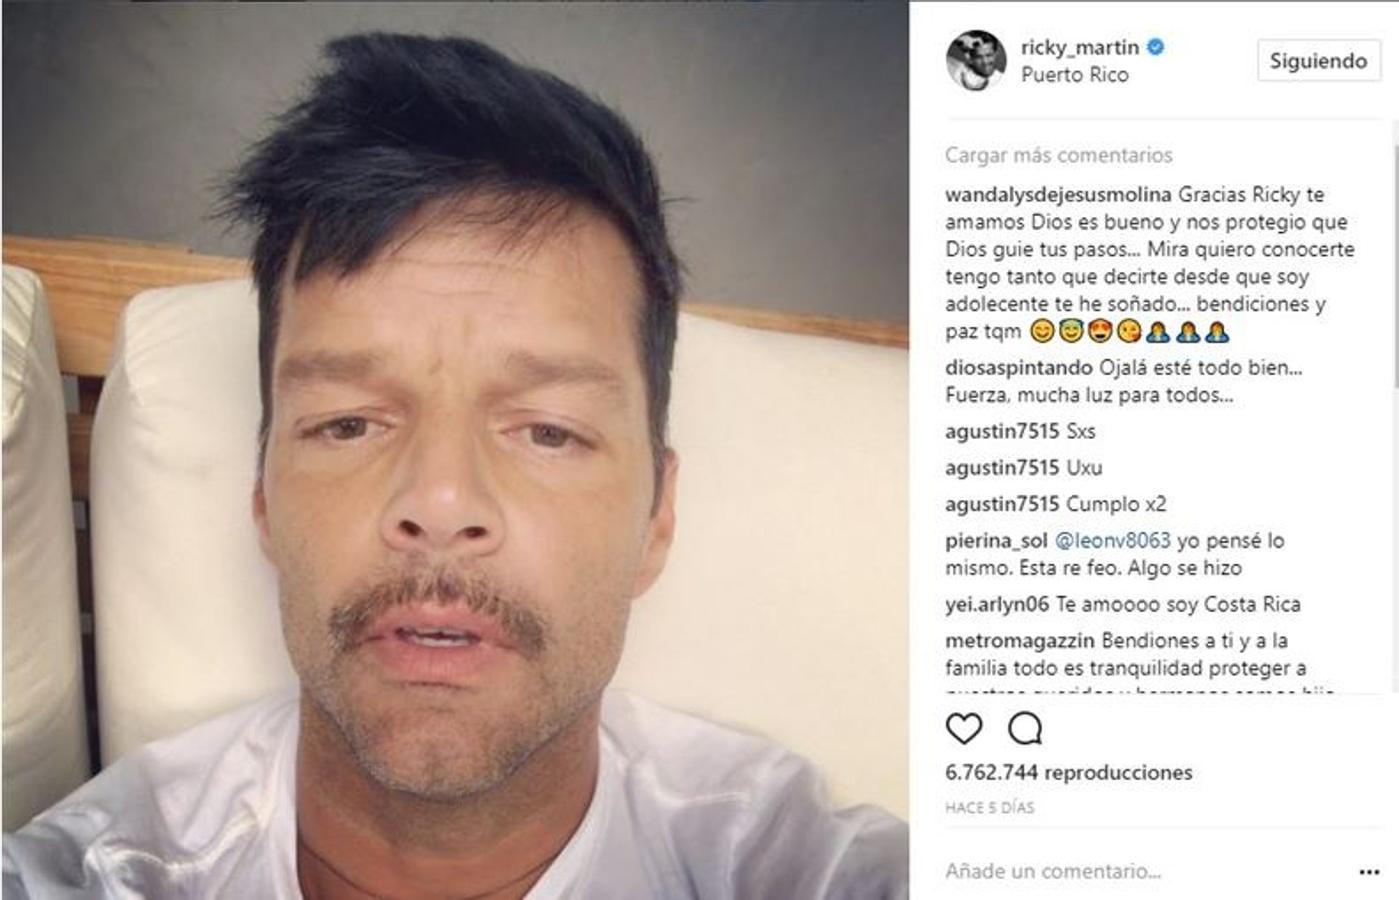 Ricky Martin: «Estén todos ya listos y preparados y espero que todos estén escuchando a las autoridades y a los telediarios para que sepan más o menos como está la situación»